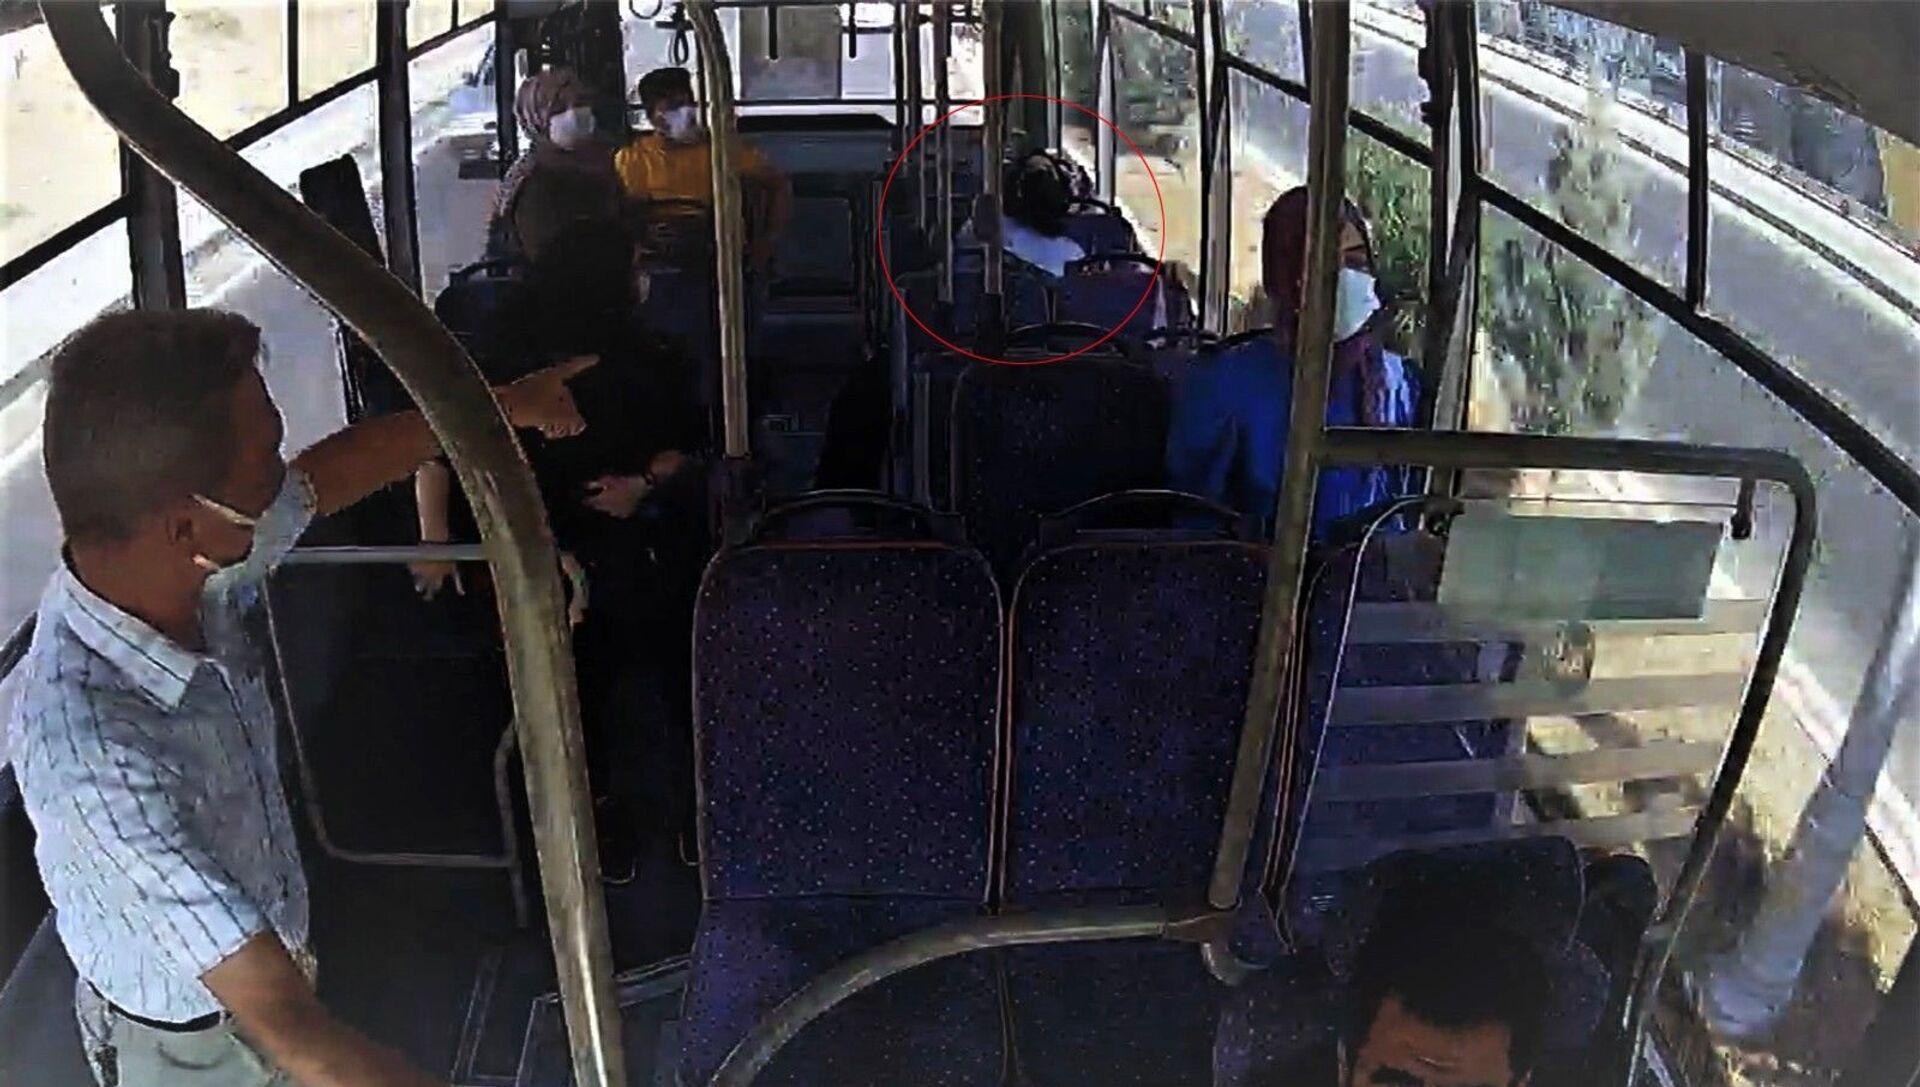 Siirt'te otobüste bayılan yolcuyu şoför hastaneye yetiştirdi - Sputnik Türkiye, 1920, 27.07.2021